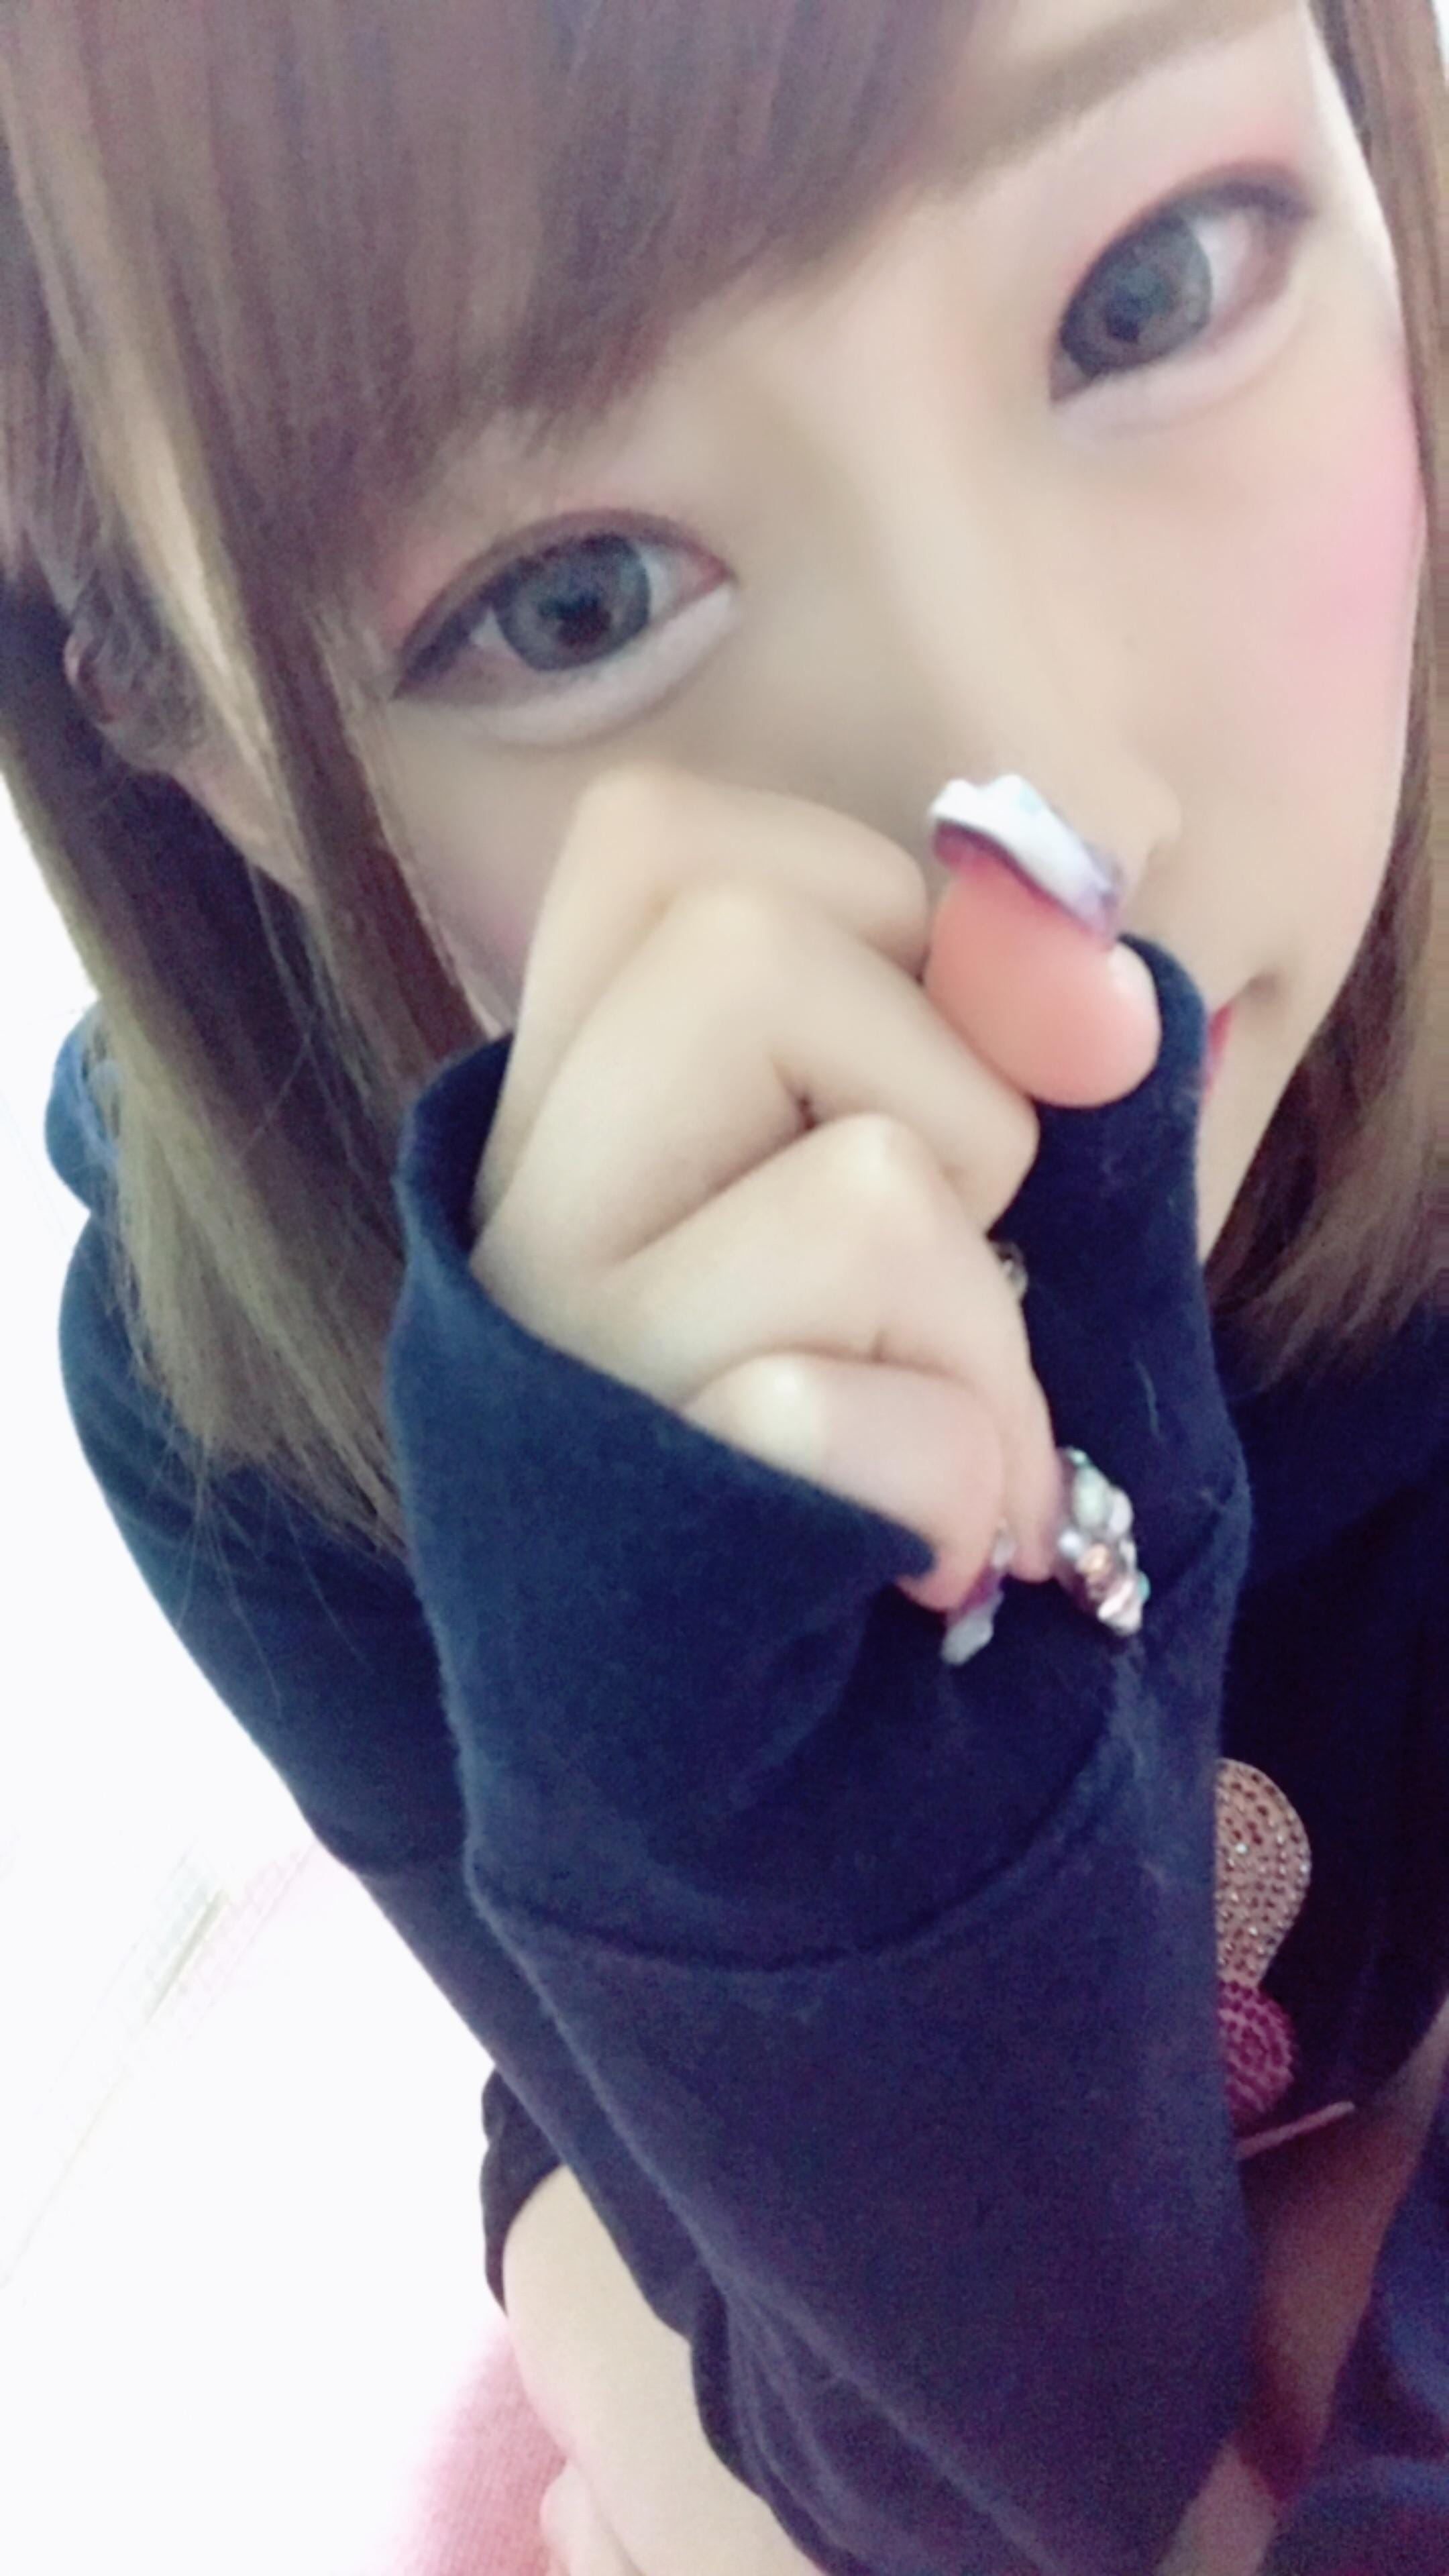 「ありがとう?」09/23(09/23) 23:31 | 胡桃ひな(60分15千円)の写メ・風俗動画